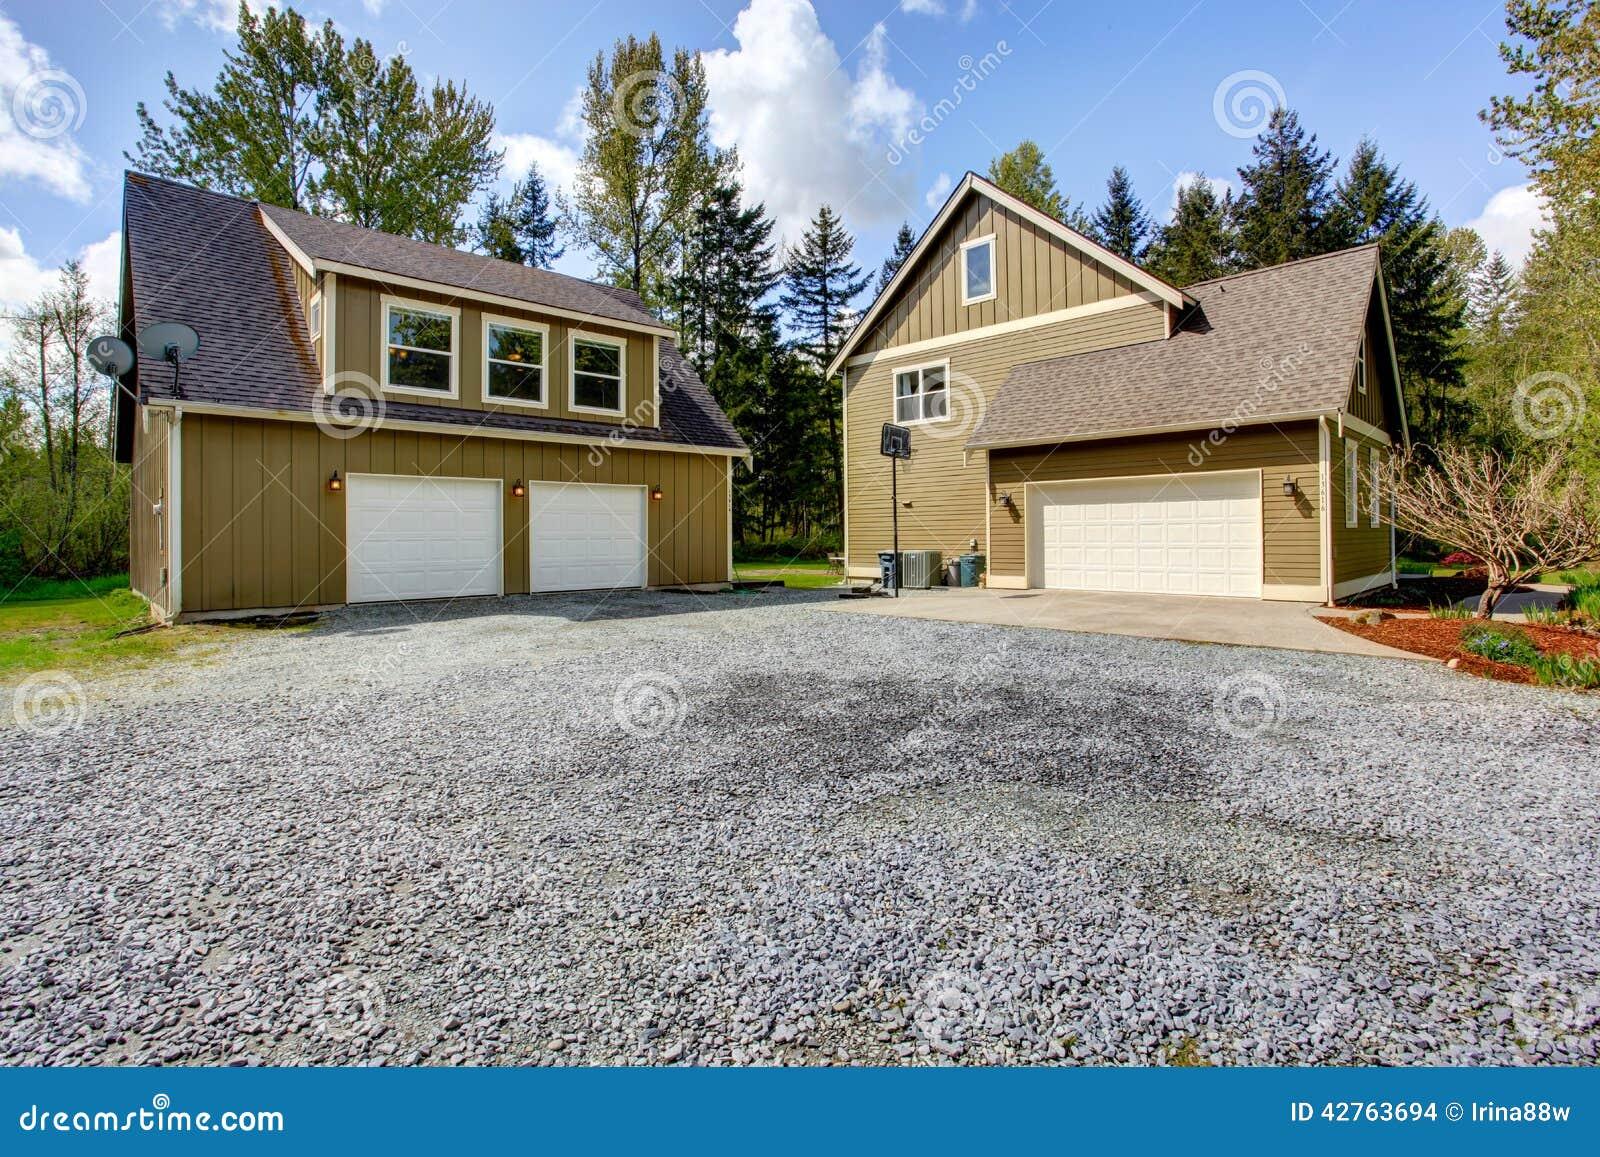 Trendy colore esterno casa di campagna immobili colore - Esterno casa colore ...